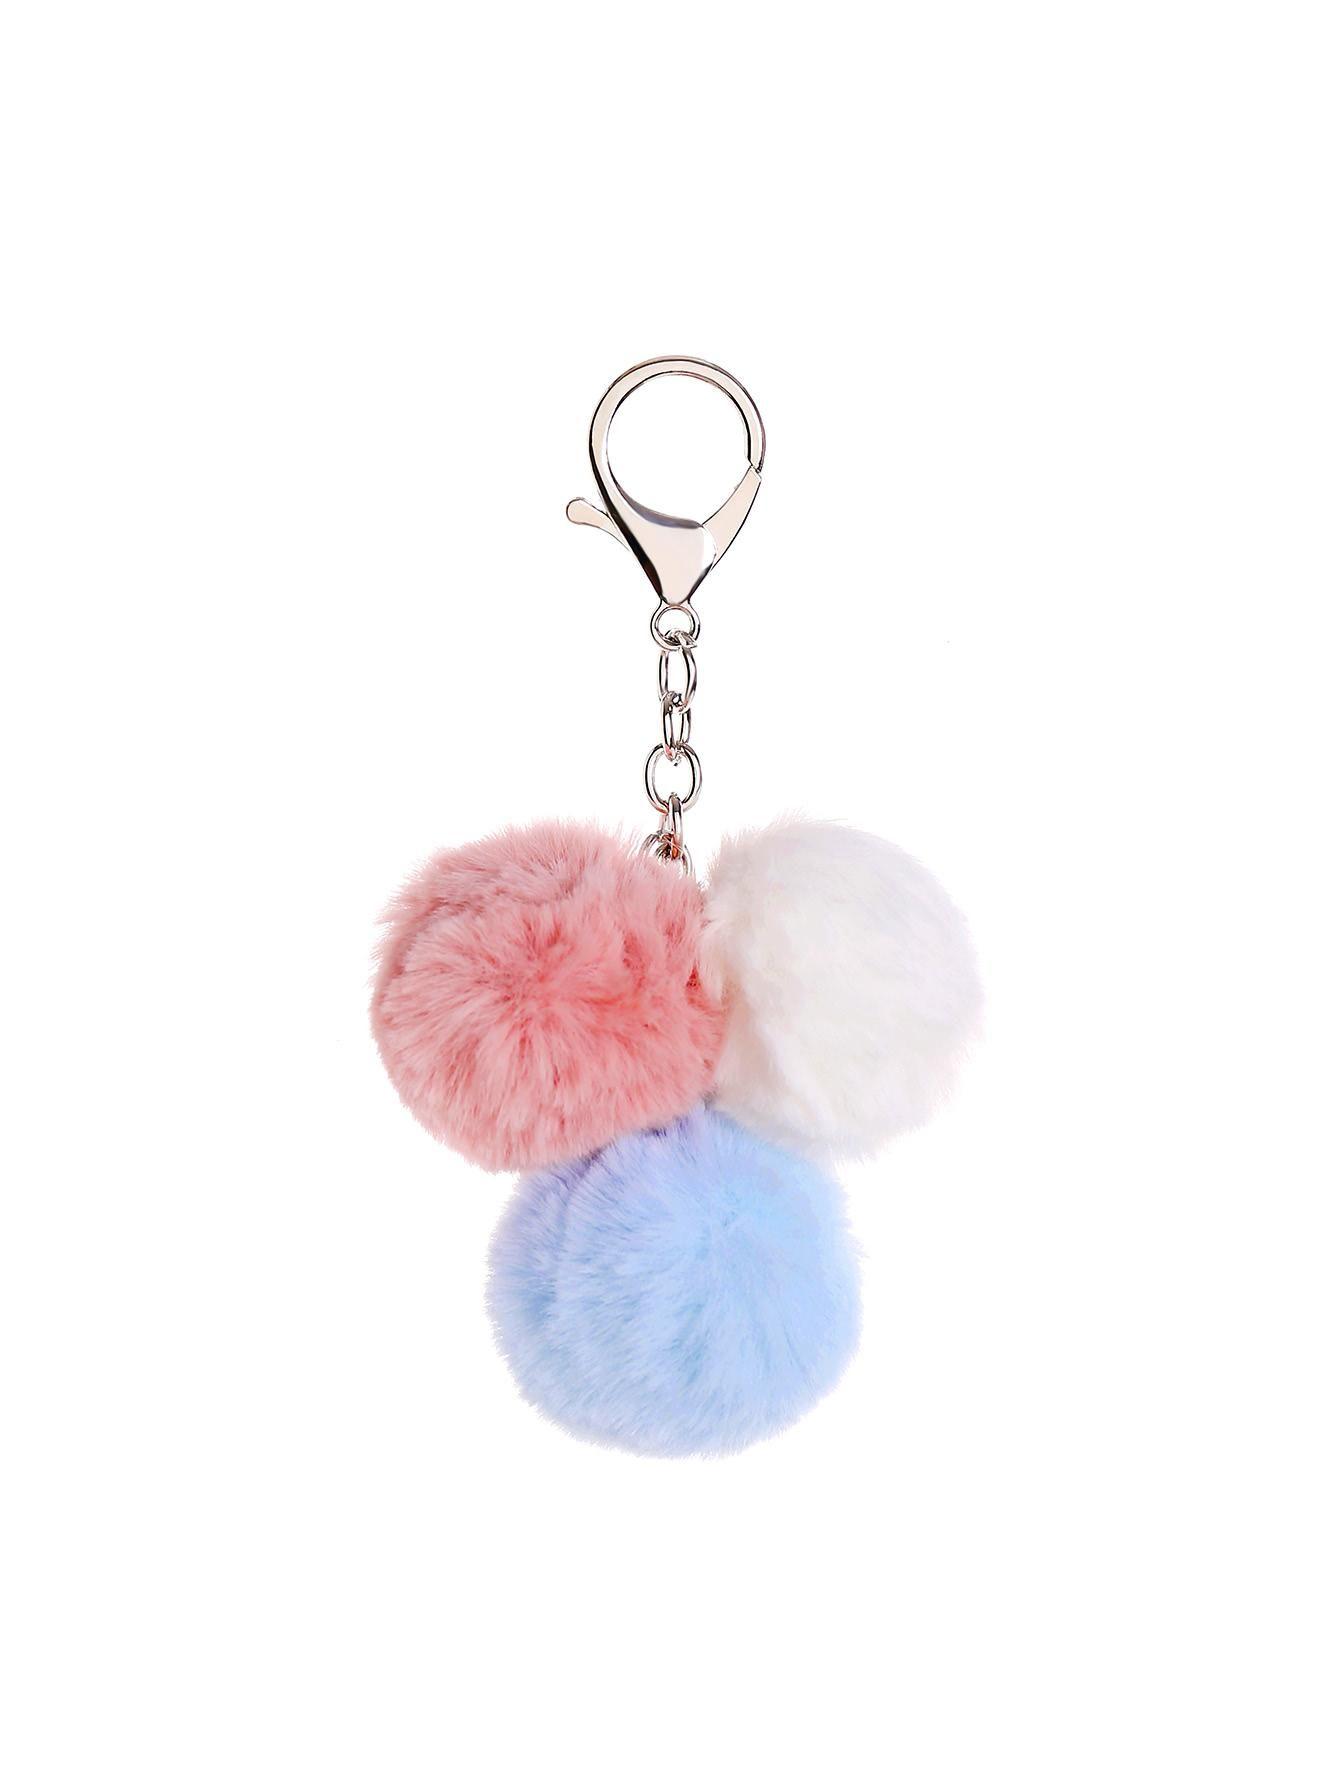 6d2fb67430 SheIn - SheIn Faux Fur Keychain With Three Pom Pom - AdoreWe.com ...